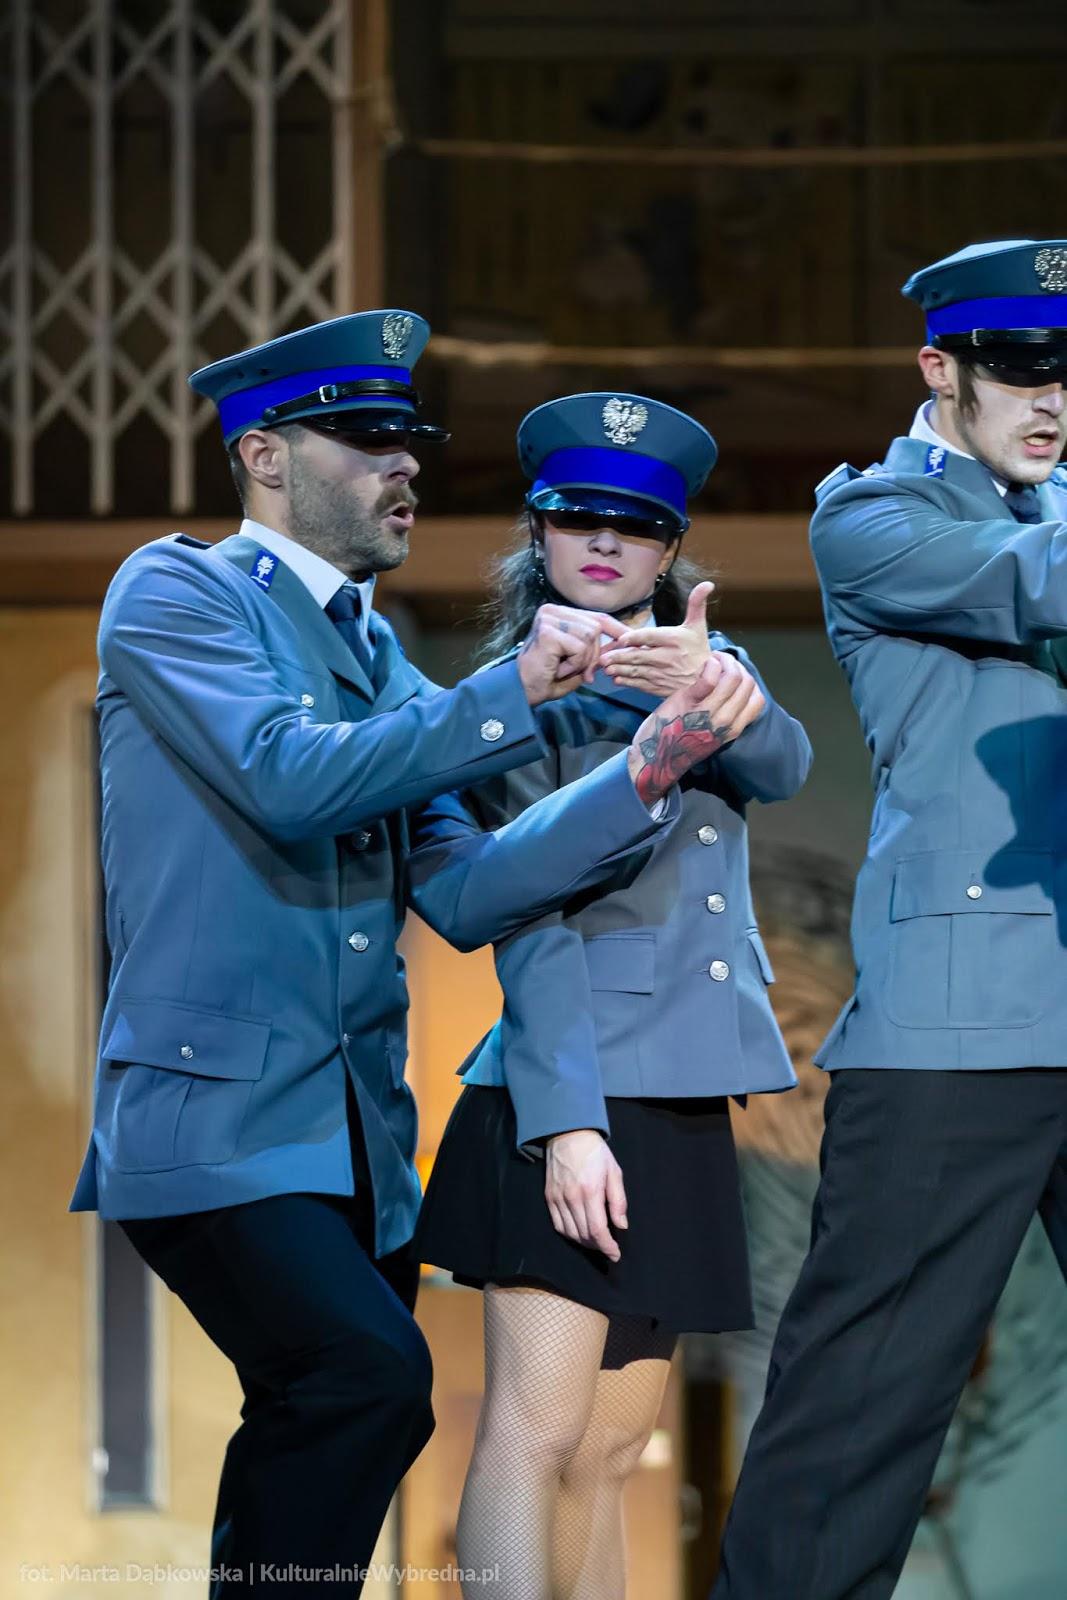 musical Kapitan Żbik i Żółty Saturator Teatr Syrena zdjęcia Dariusz Kowalewski